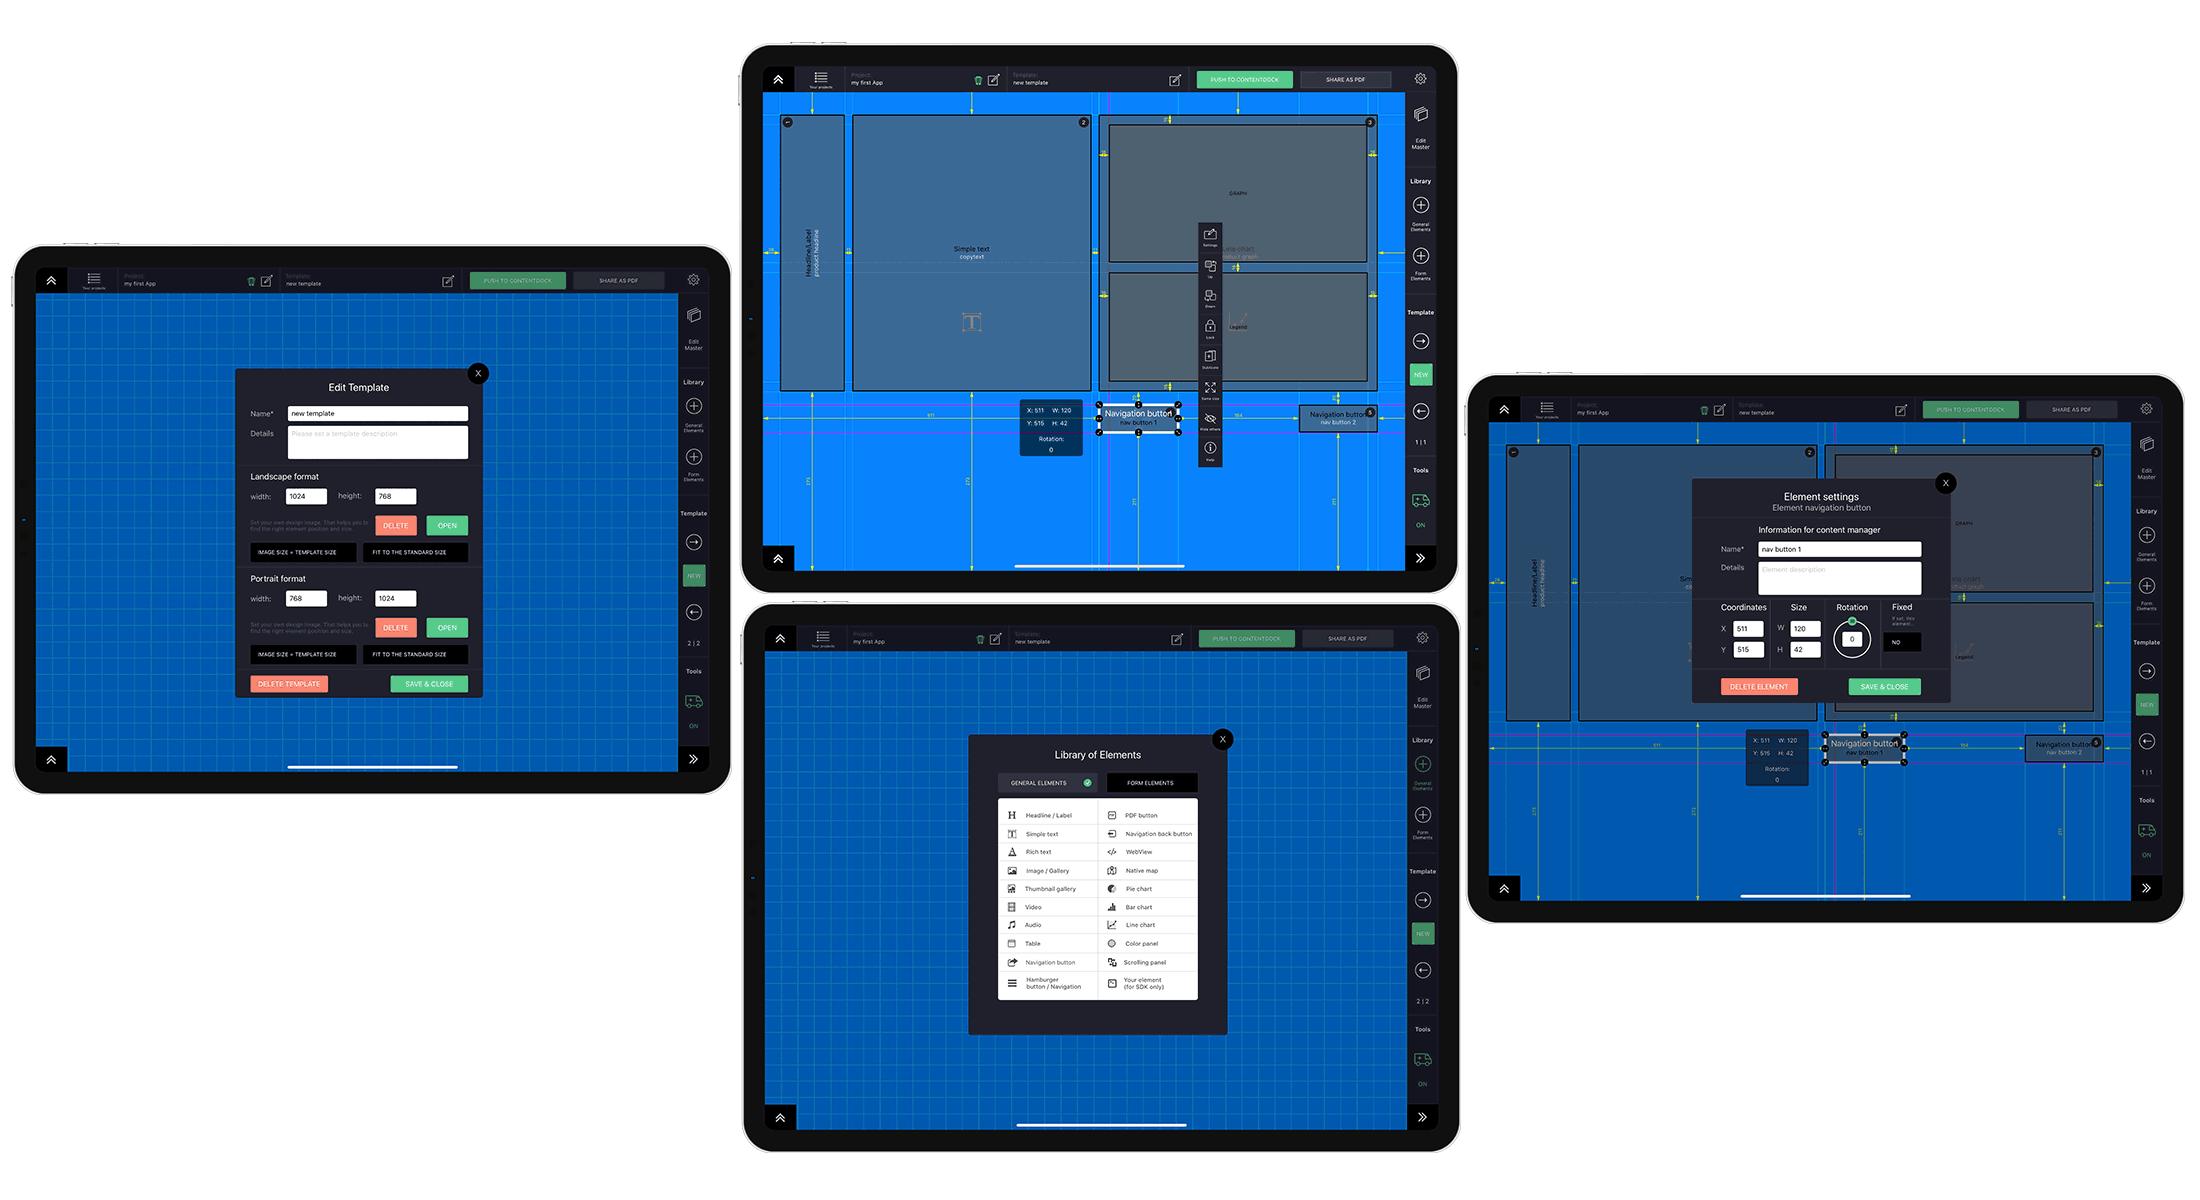 Bild: Ansicht einer geöffneten Vorlage in der Wireframing App